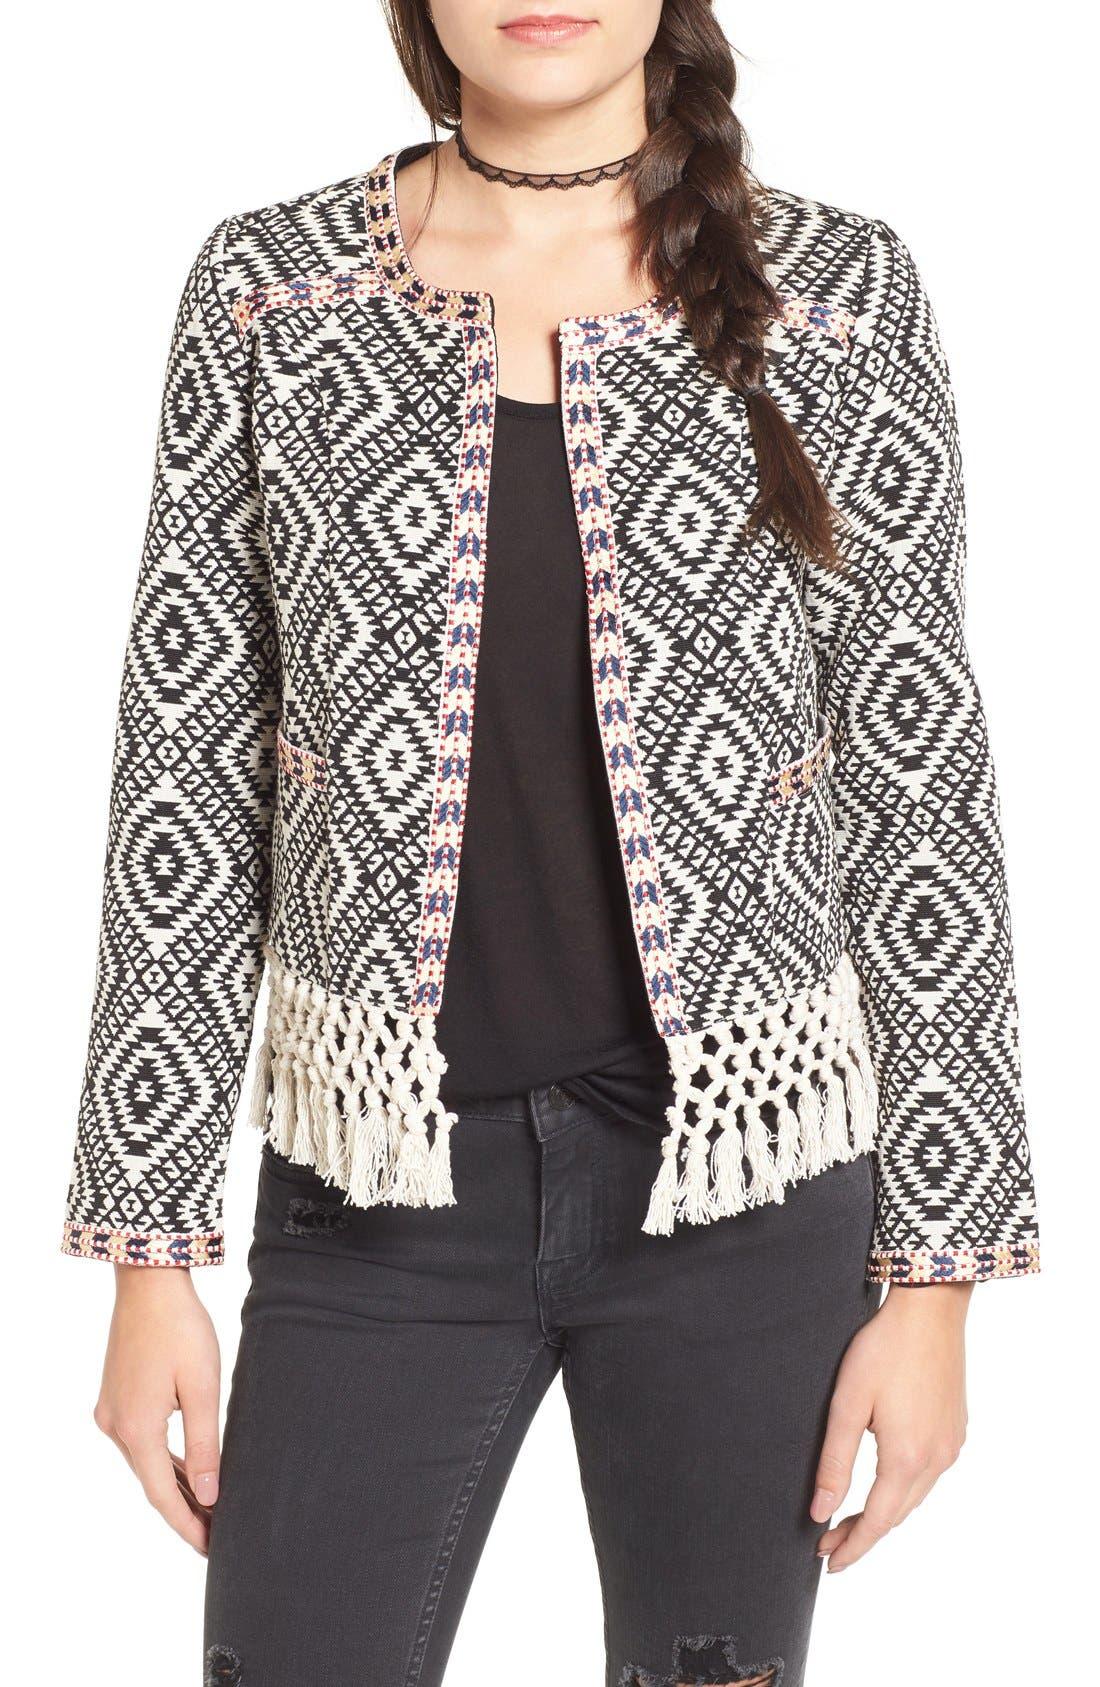 TULAROSA,                             'Santa Fe' Jacquard Jacket,                             Main thumbnail 1, color,                             001